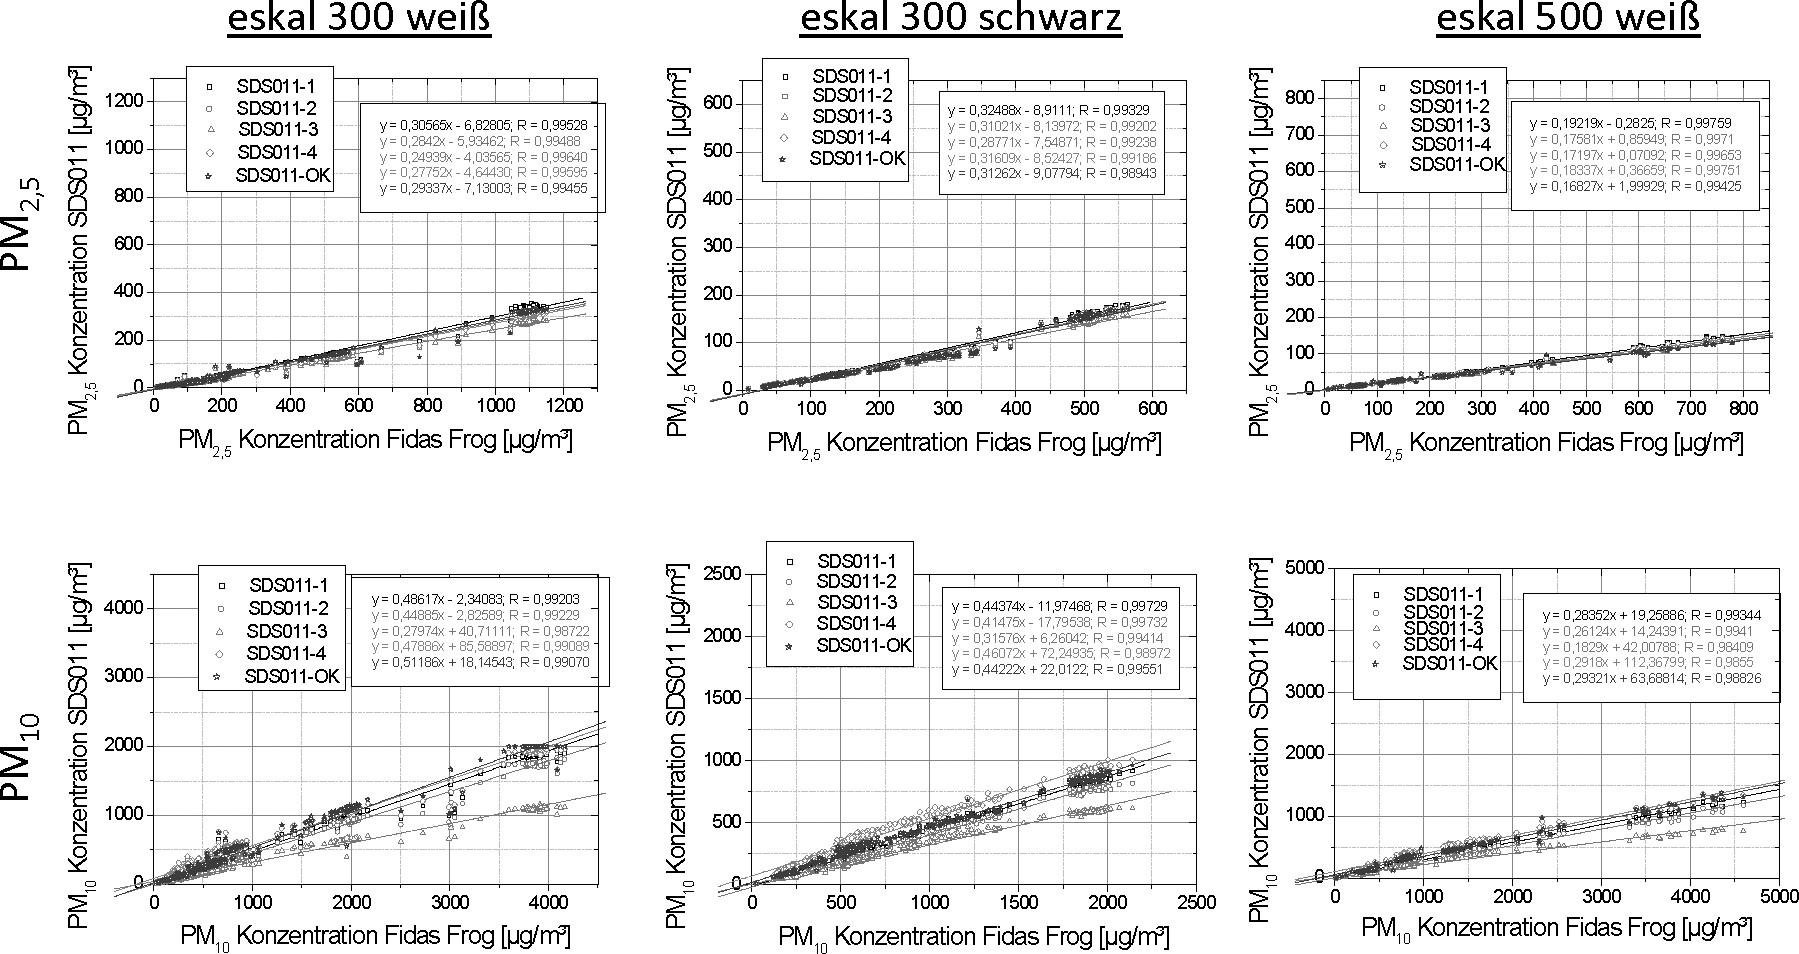 Bild 4. Korrelation der mit den SDS011-Sensoren und dem Fidas Frog gemessenen PM2,5- (oben) und PM10-Konzentrationen (unten) für eskal 300 weiß (links), eskal 300 schwarz (Mittel) und ekal 500 weiß (rechts). Quelle: IUTA/IGF